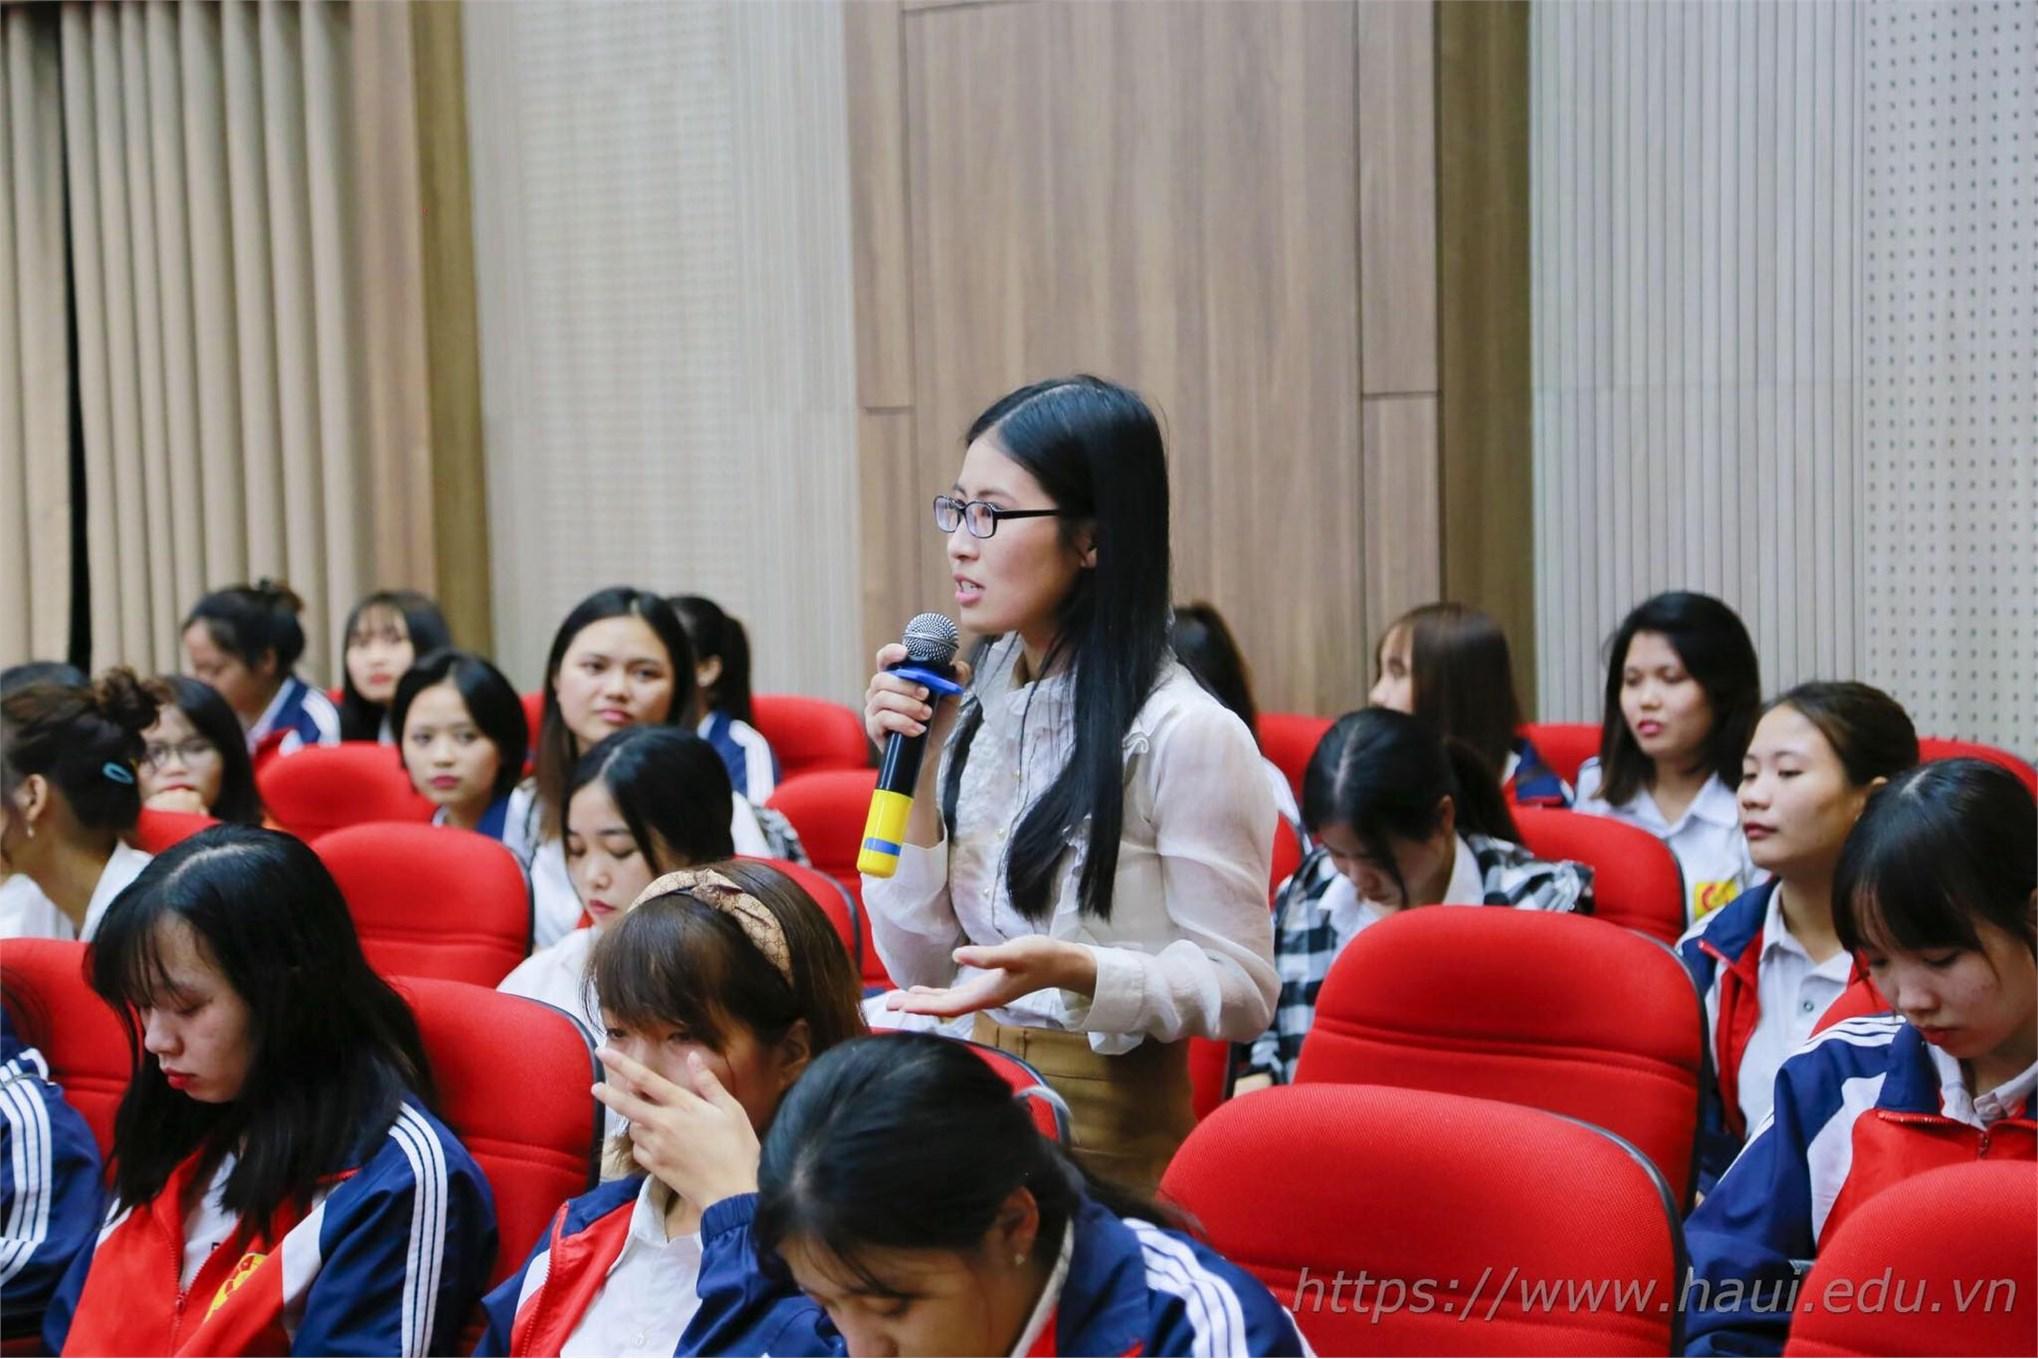 Tọa đàm Sinh viên với doanh nghiệp dệt, may và thời trang